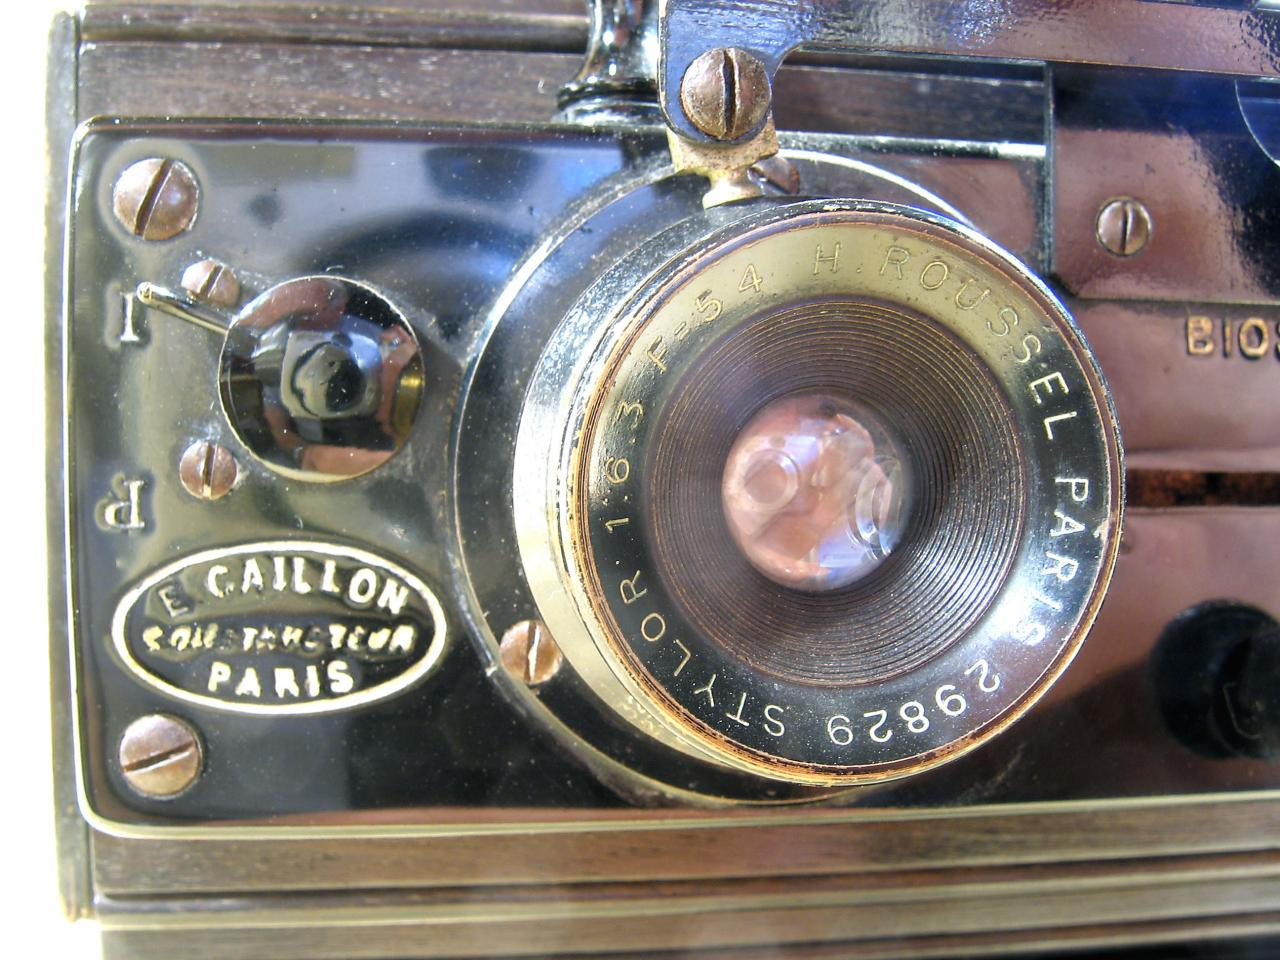 Wallpaper 1328-5  CAILLON  Bioscope stereo 45X107, collection AMI Appareils photos